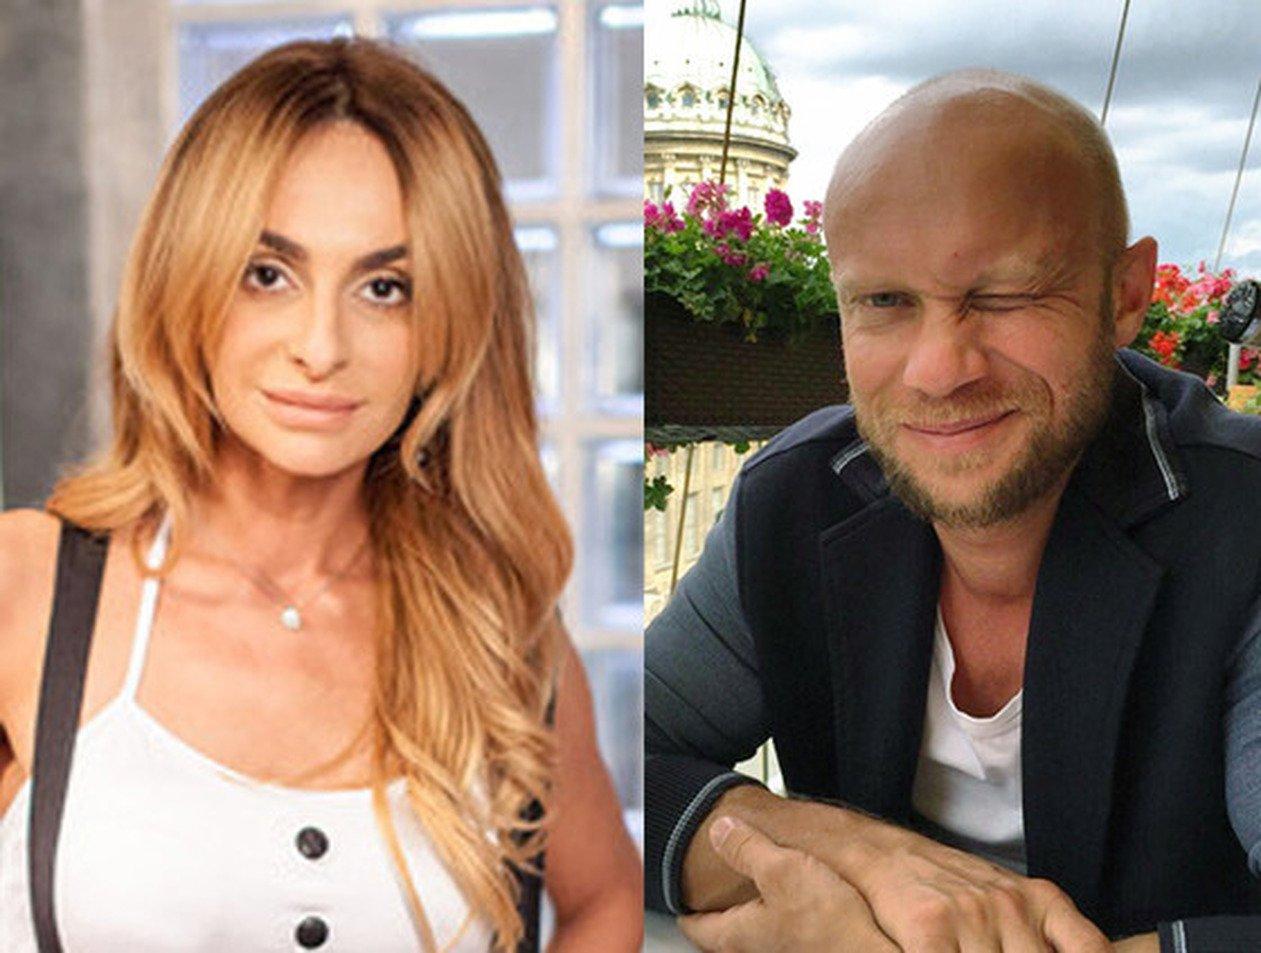 Екатерина Варнава рассказала про интим с Дмитрием Хрусталевым